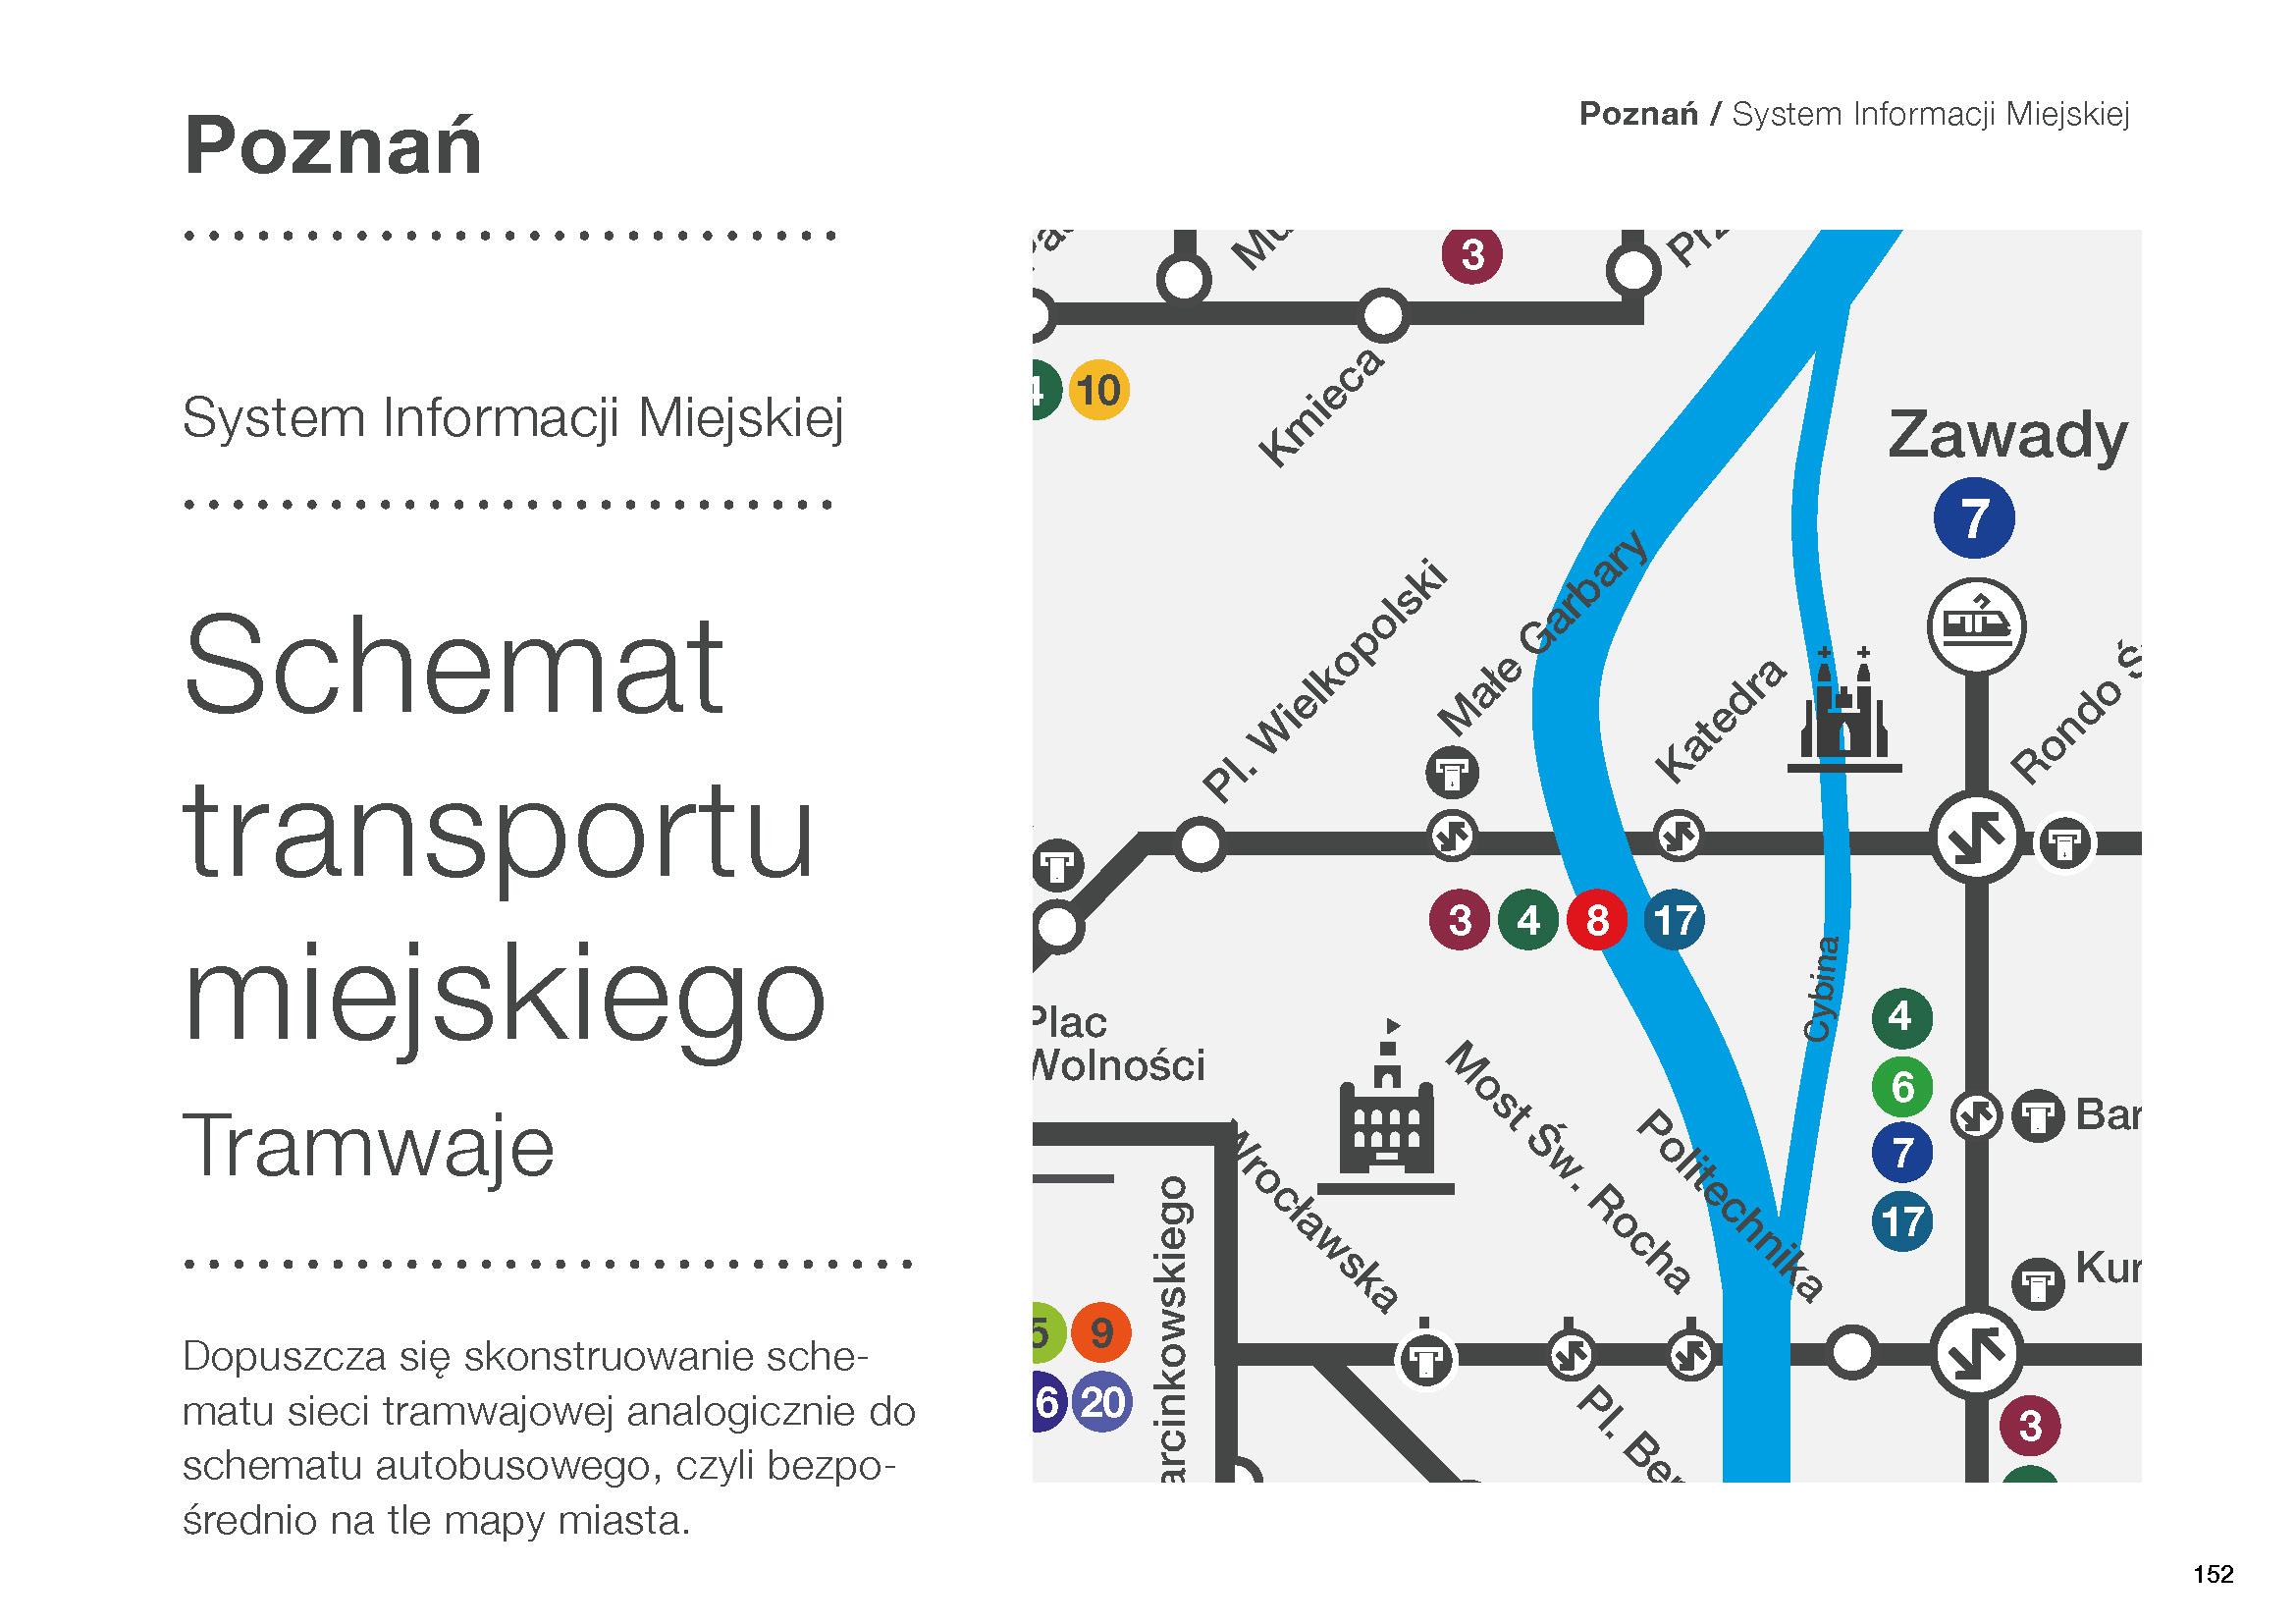 Poznań System Informacji Miejskiej (4)  Foto: